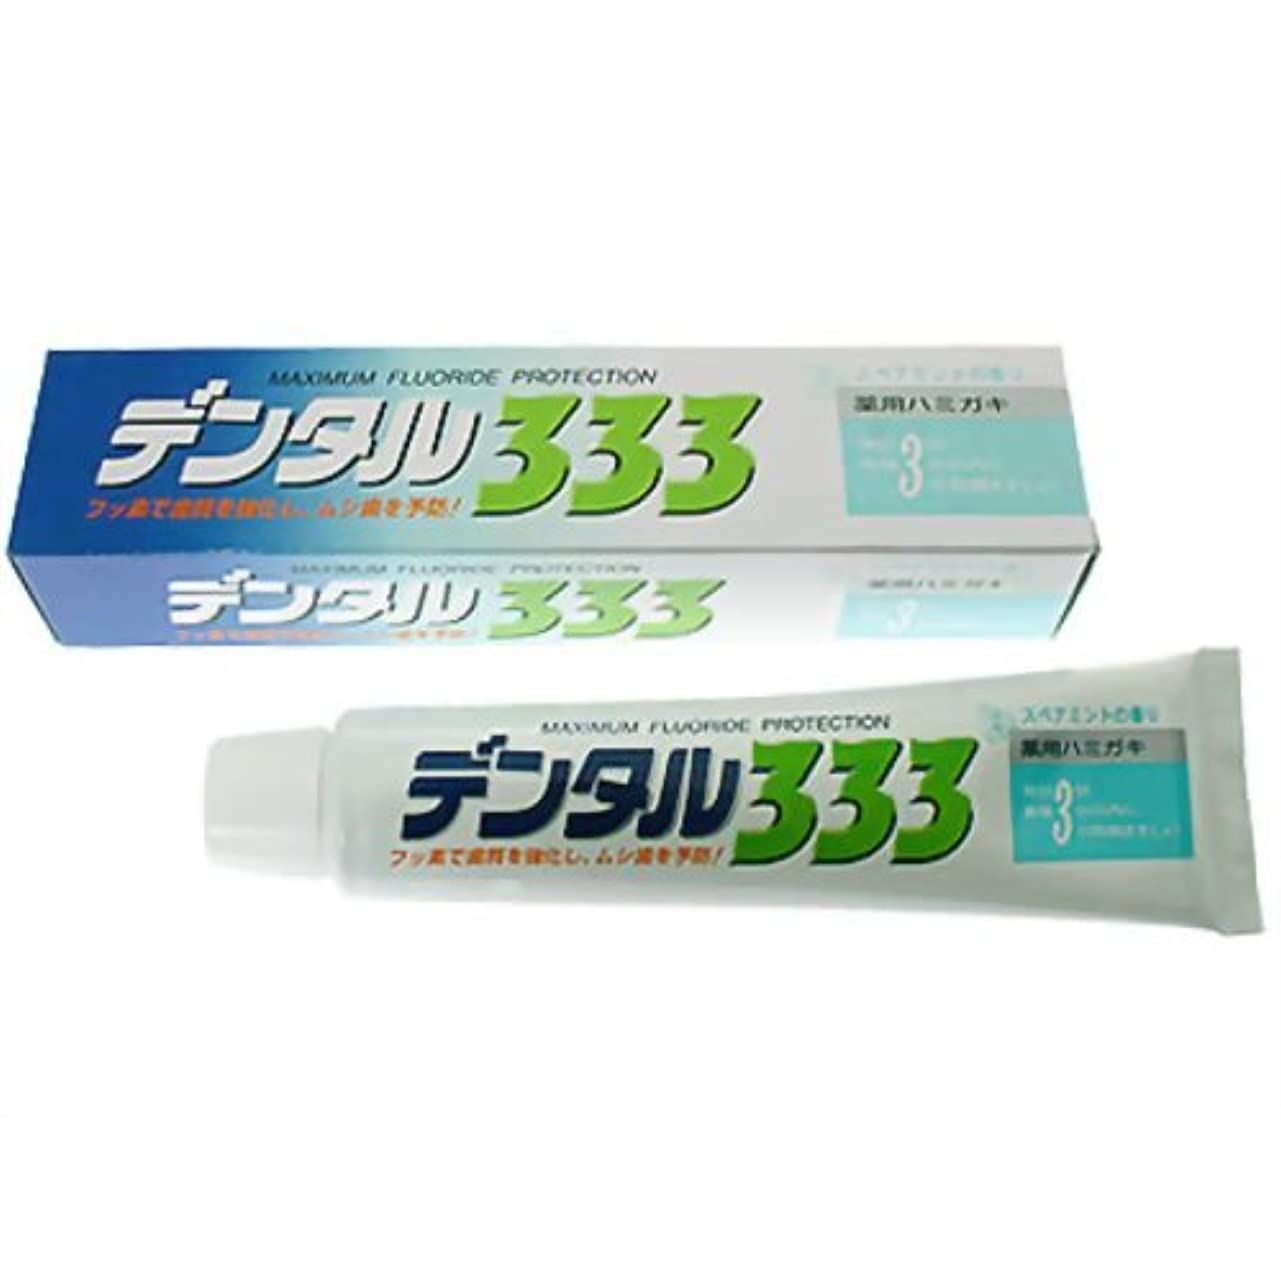 不可能な失礼な結紮デンタル333 薬用ハミガキ 150g フッ素配合歯磨き スペアミントの香り ★トイレタリージャパンインク×40点セット (4985275794983)